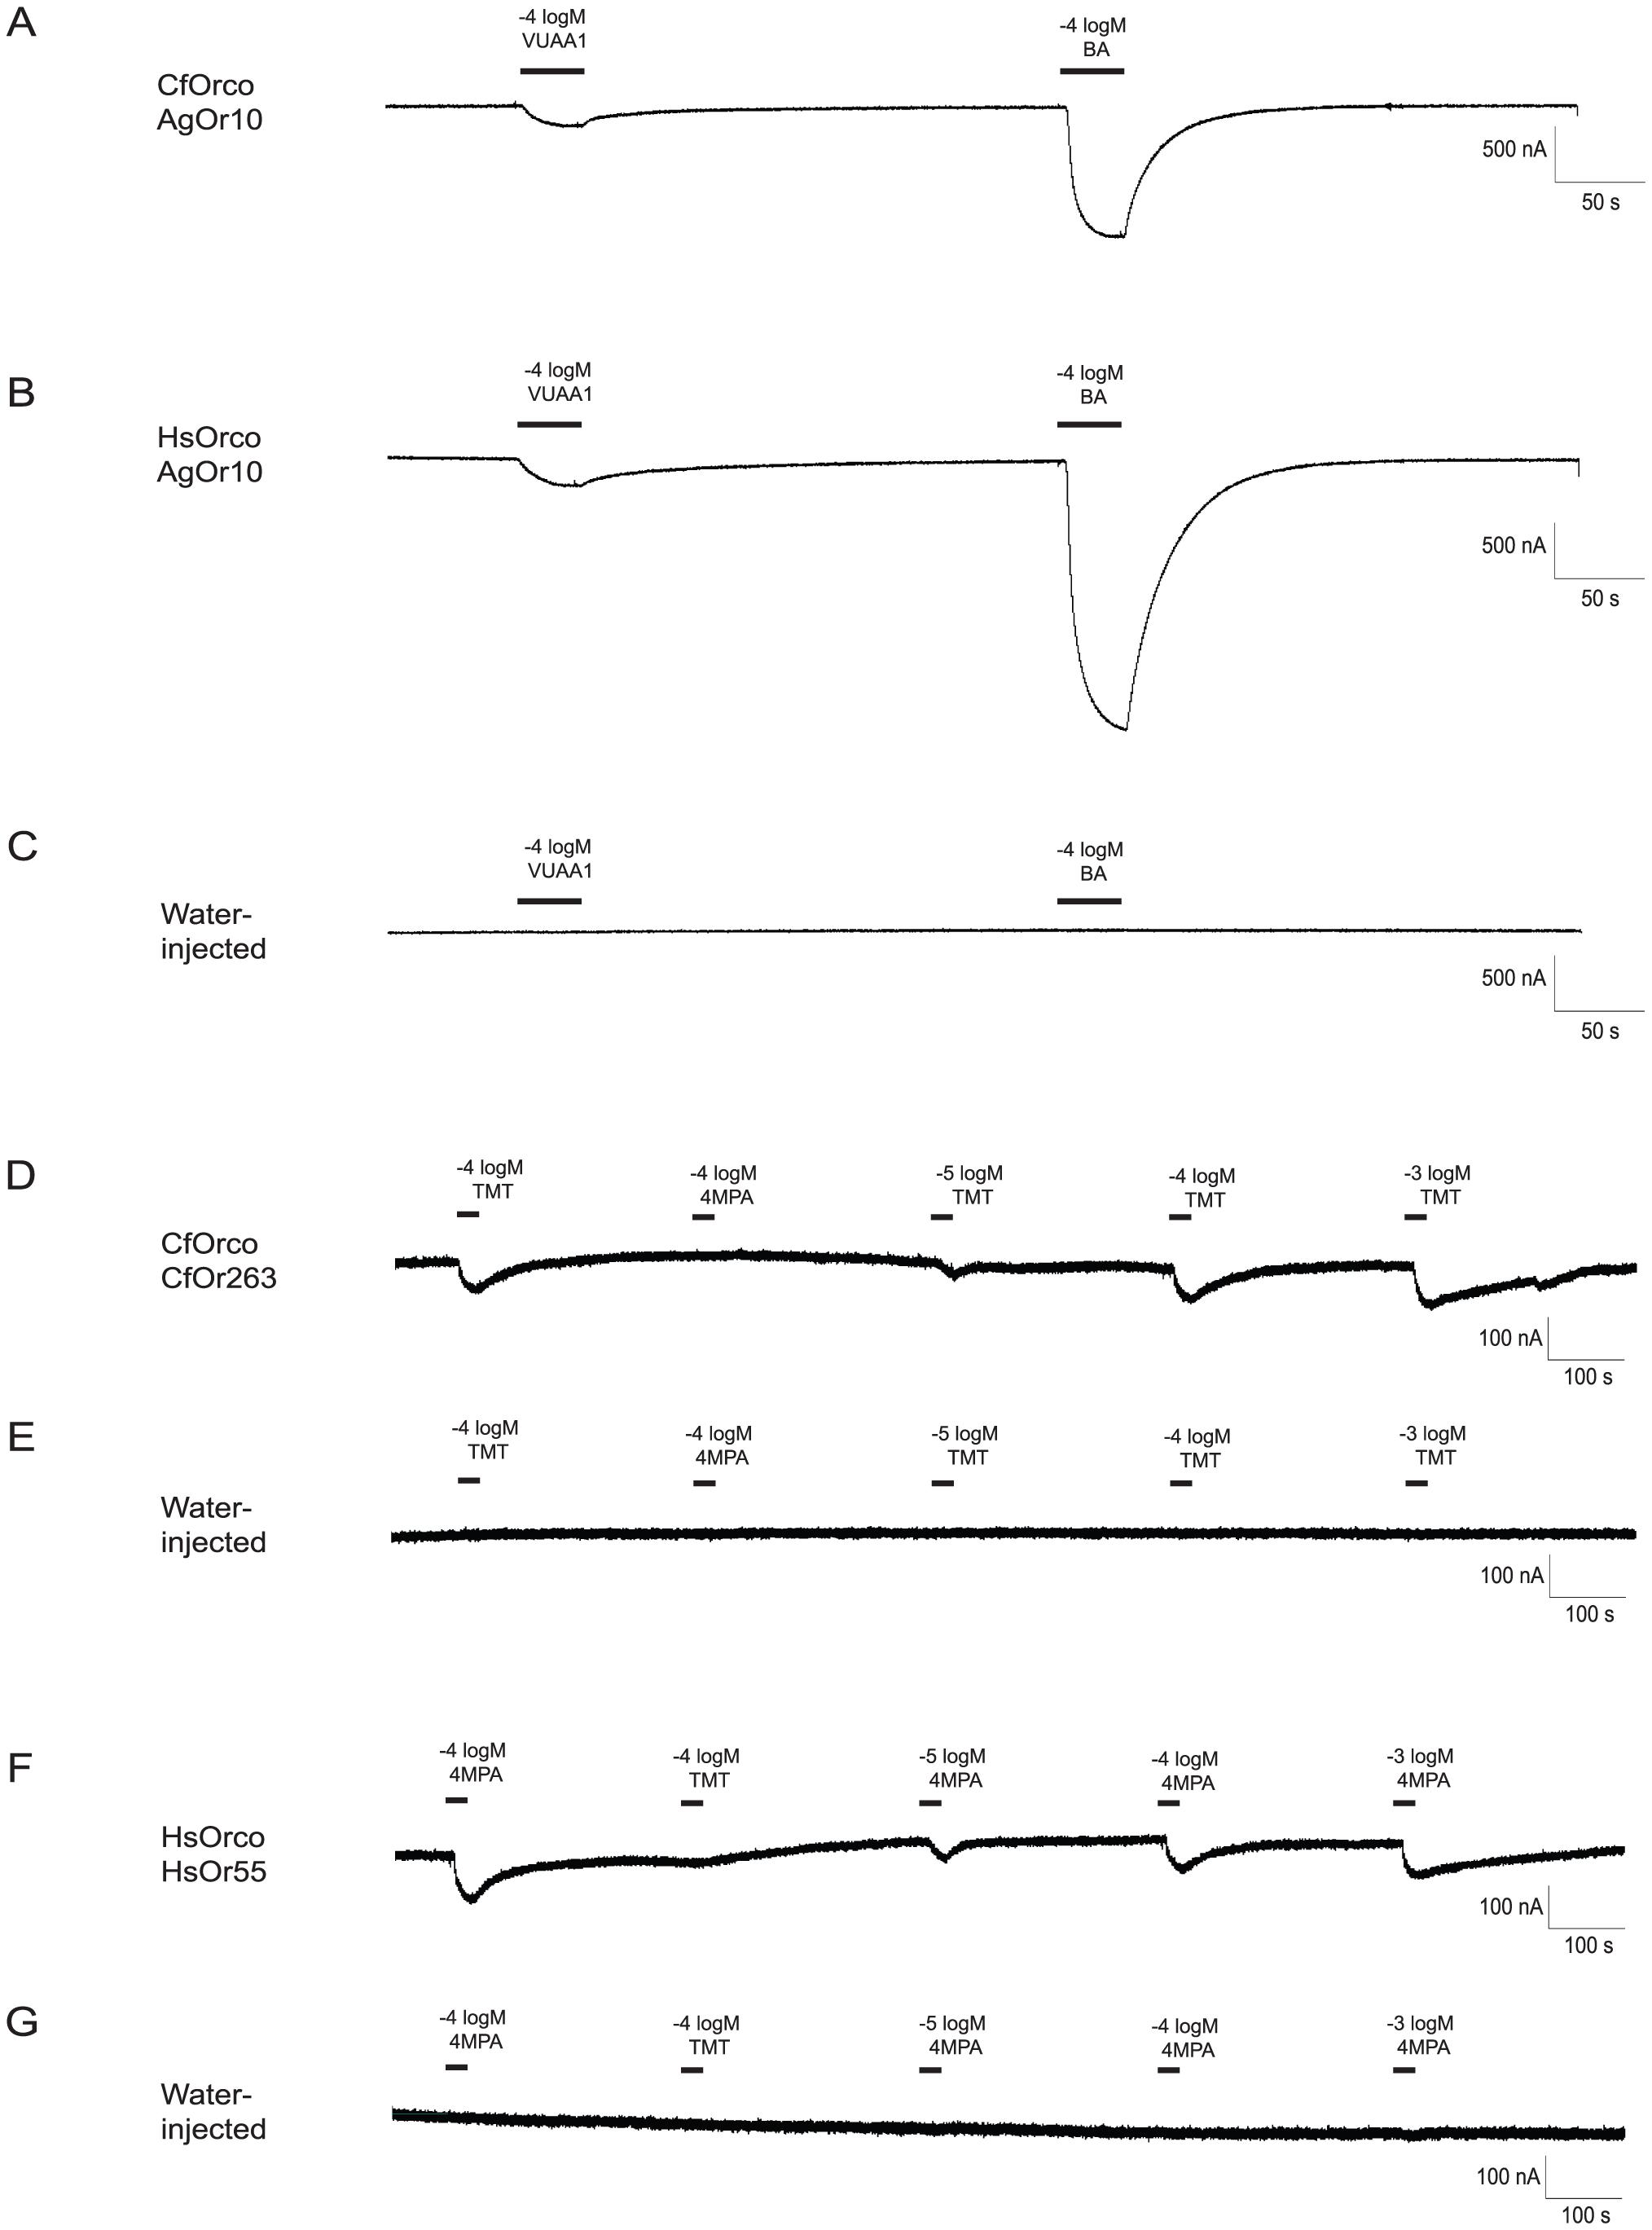 Identification of ligands for <i>C. floridanus</i> and <i>H. saltator</i> Ors.